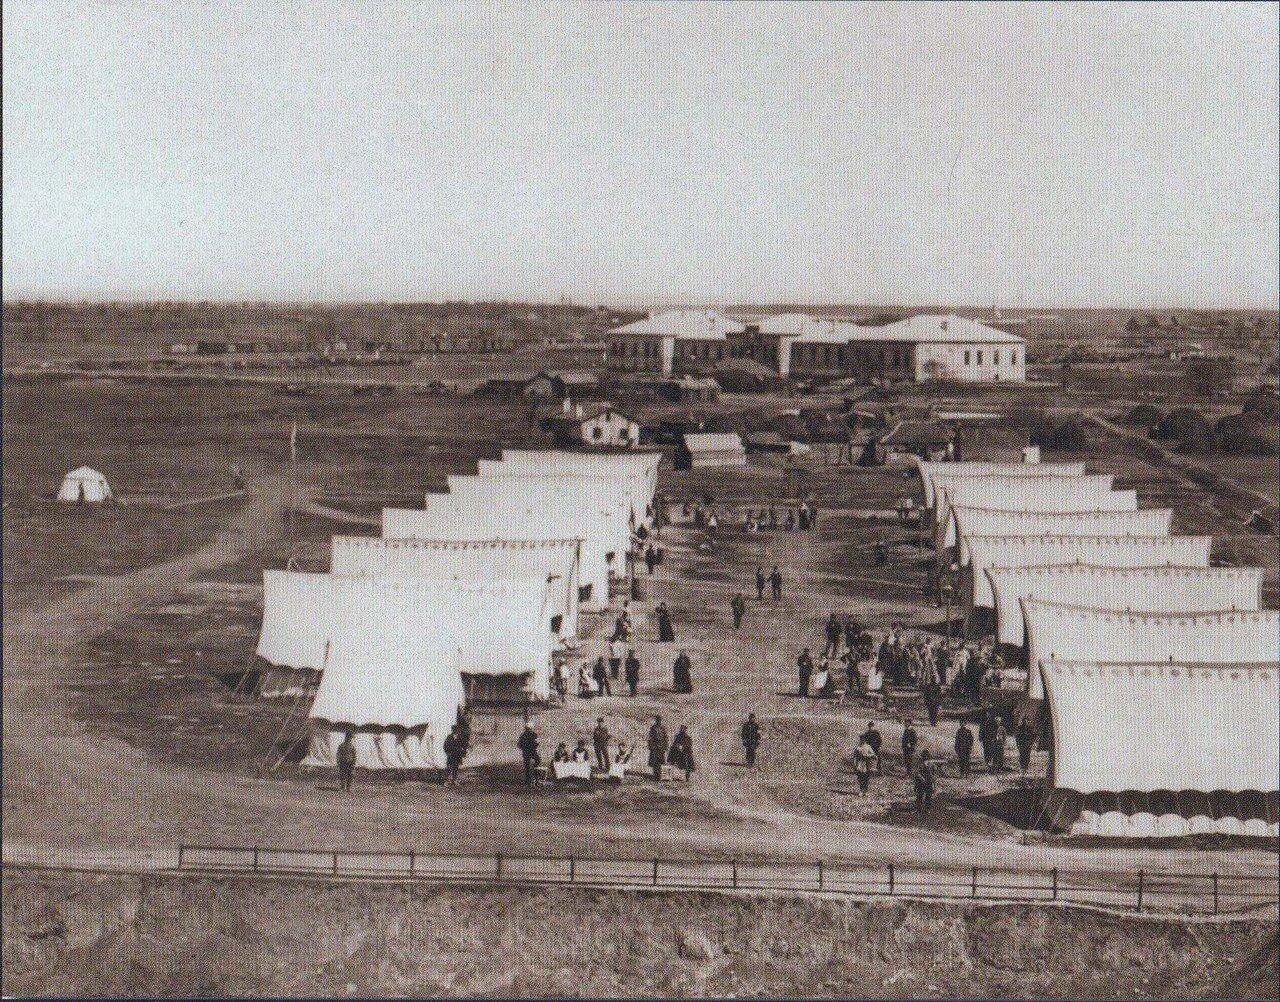 04. Вид на палатки, в которых размещены раненые русские солдаты